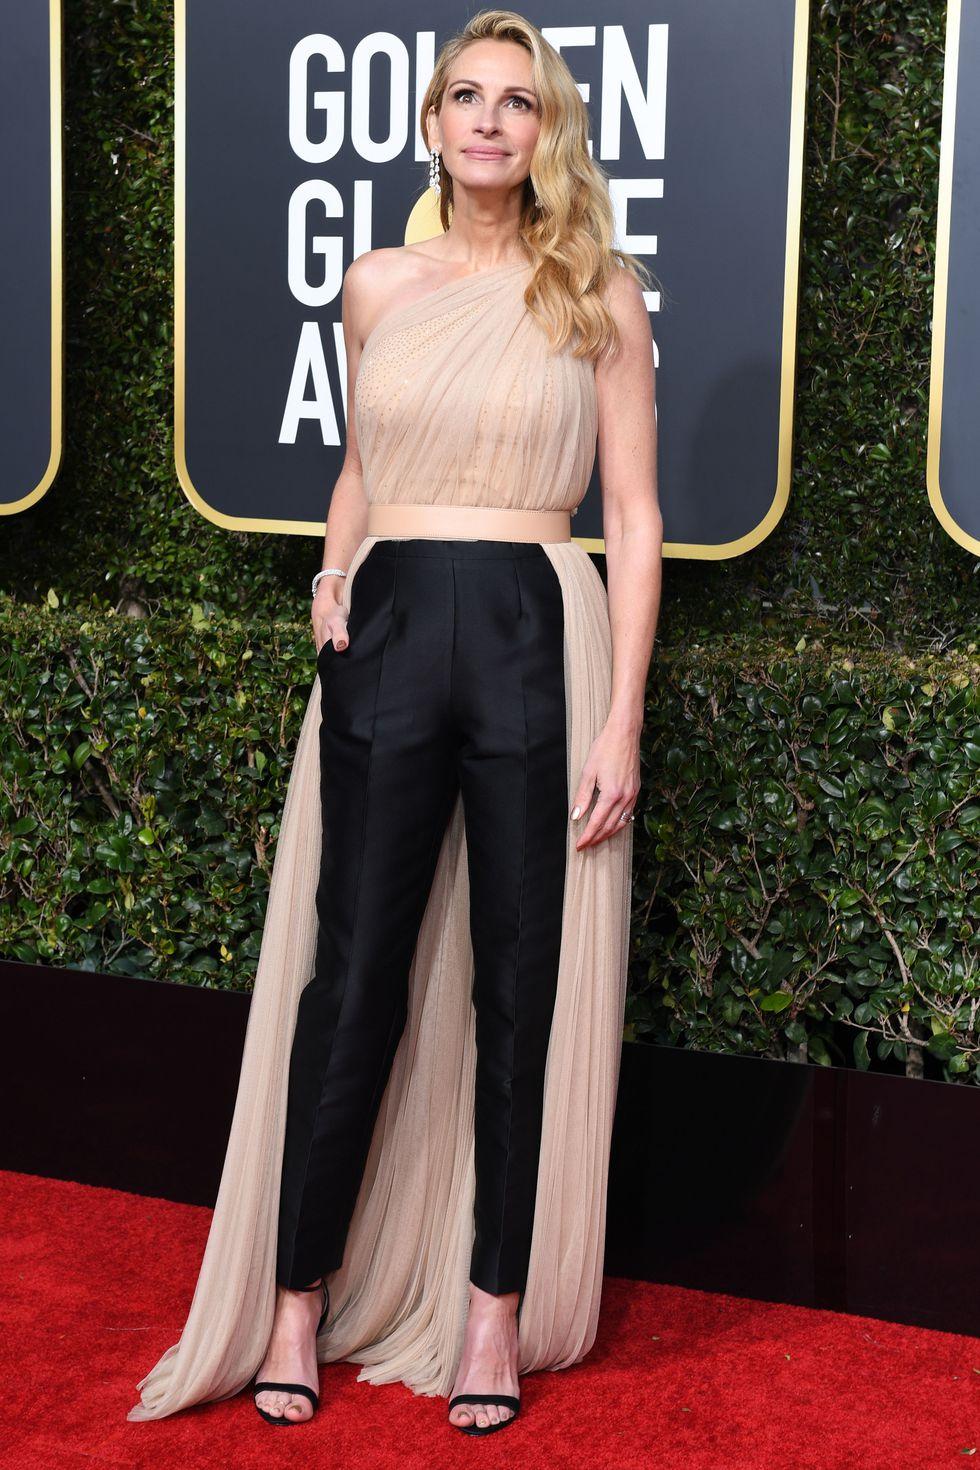 Julia Roberts Golden Globes 2019 dress